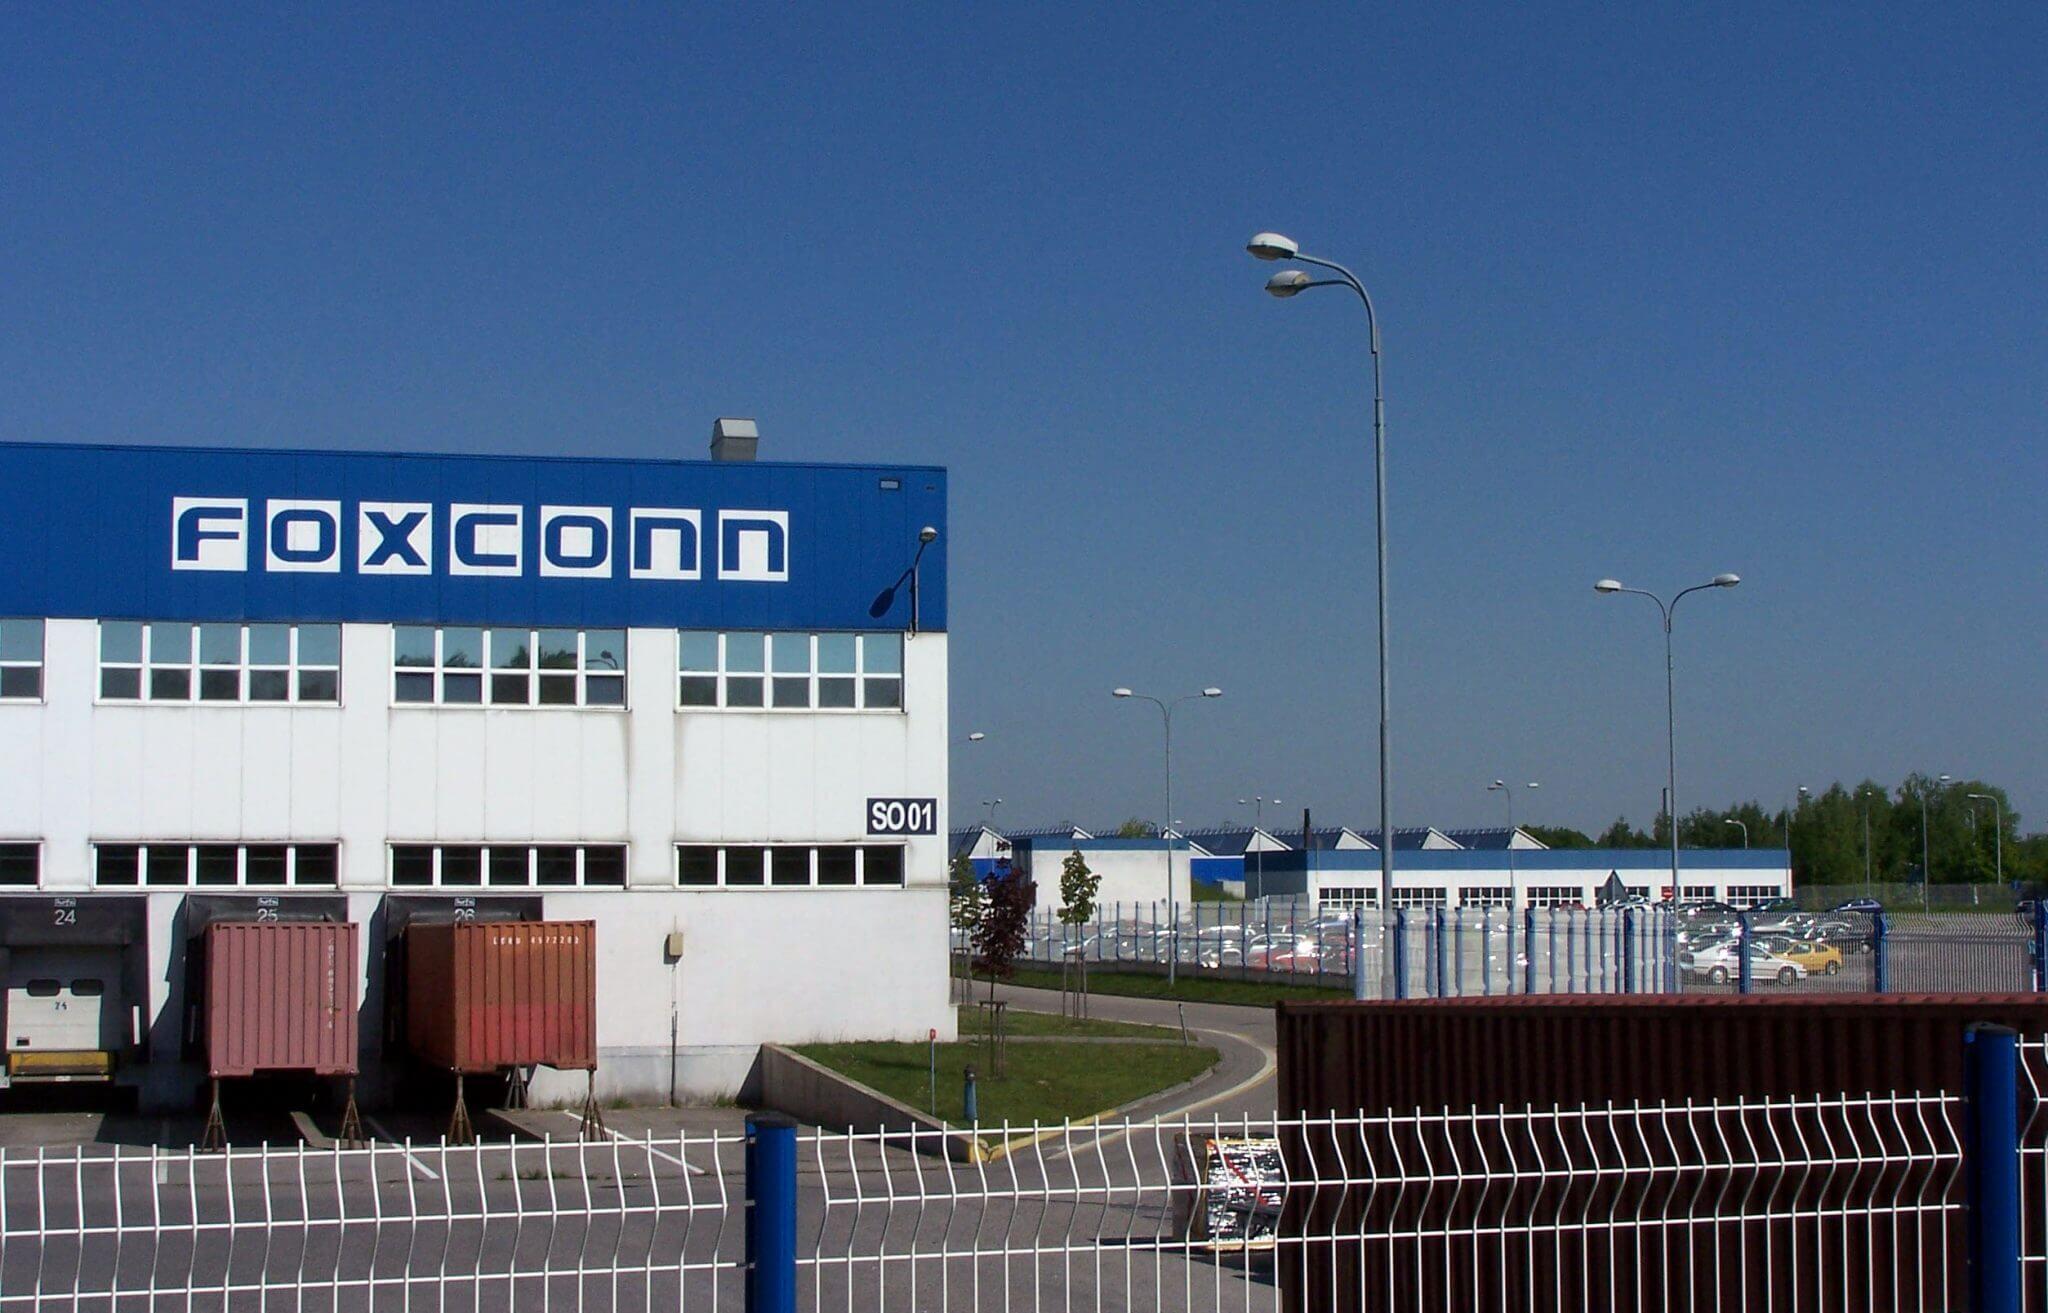 Foxconnwiki